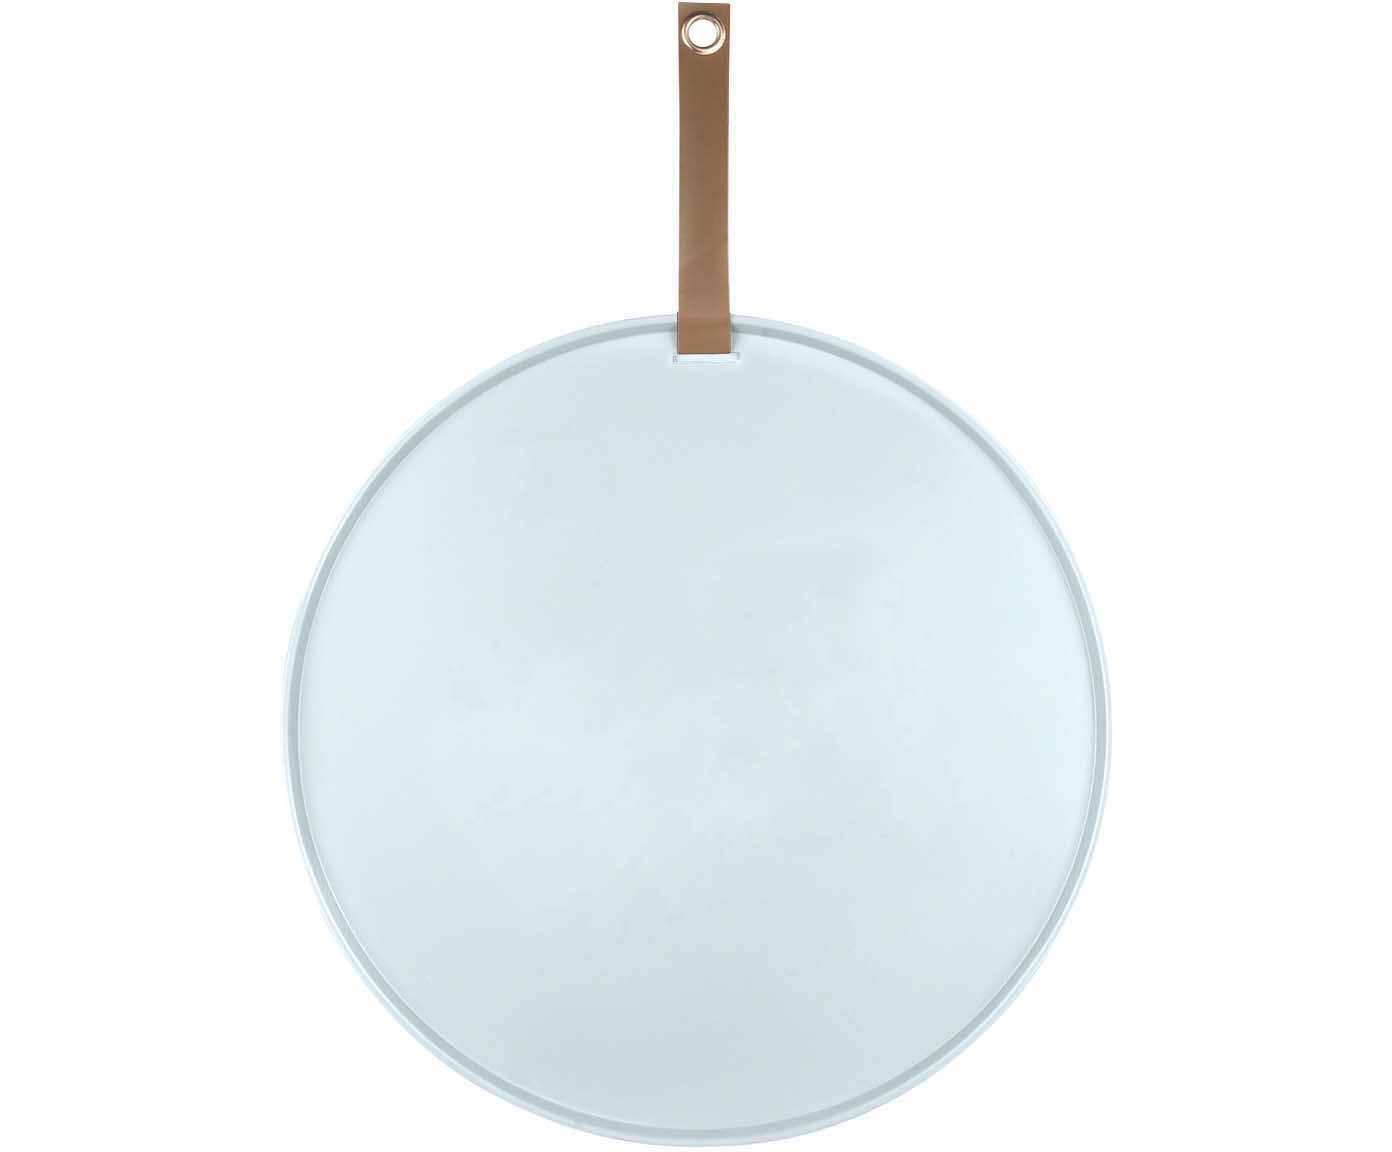 Tablica ścienna Perky, Metal lakierowany, Jasny niebieski, brązowy, Ø 50 x G 1 cm